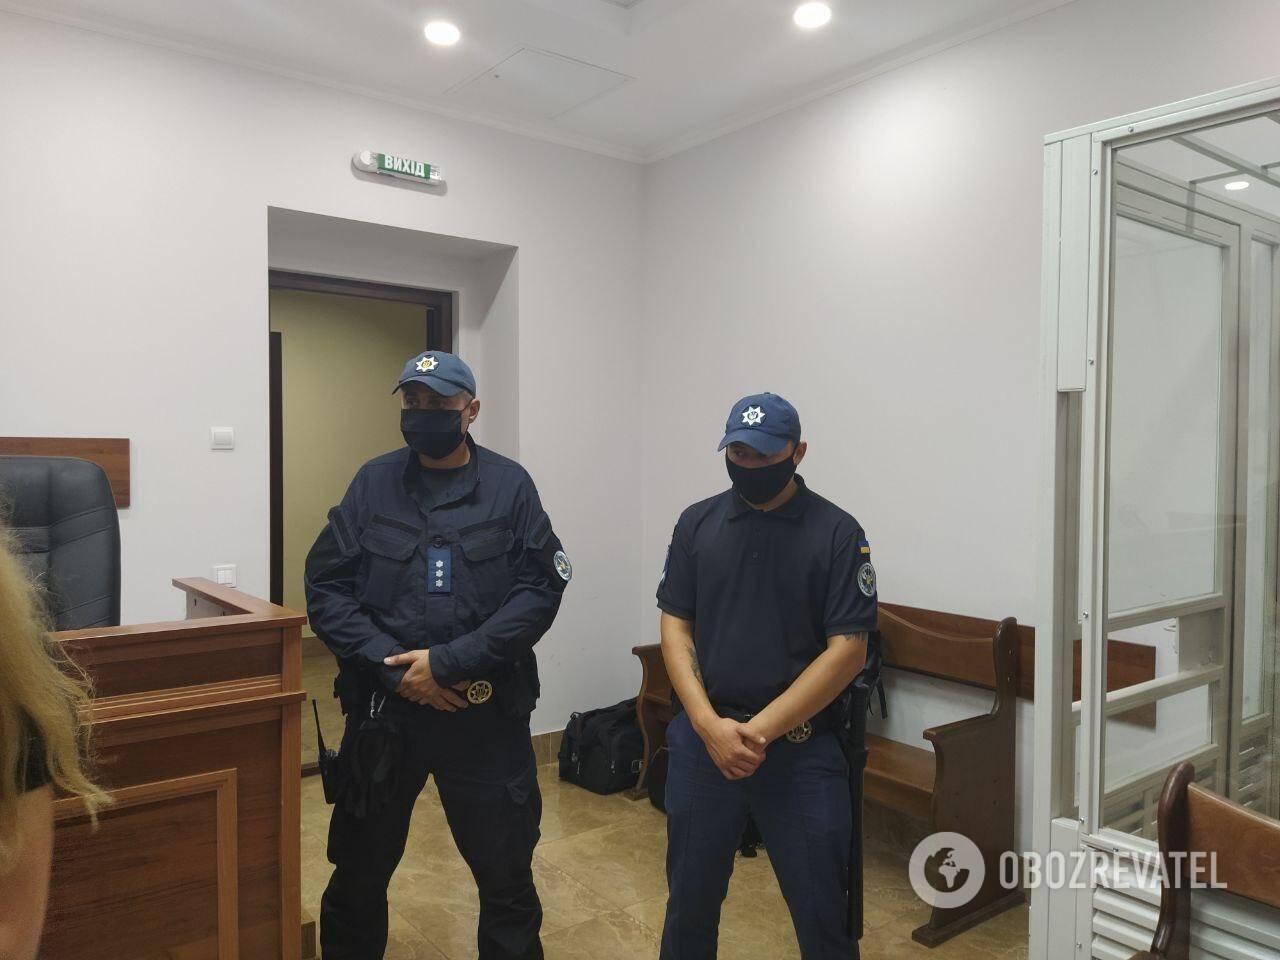 Суд арестовал подозреваемого в совершении ДТП в Киеве с четырьмя погибшими Желепу. Правоохранители